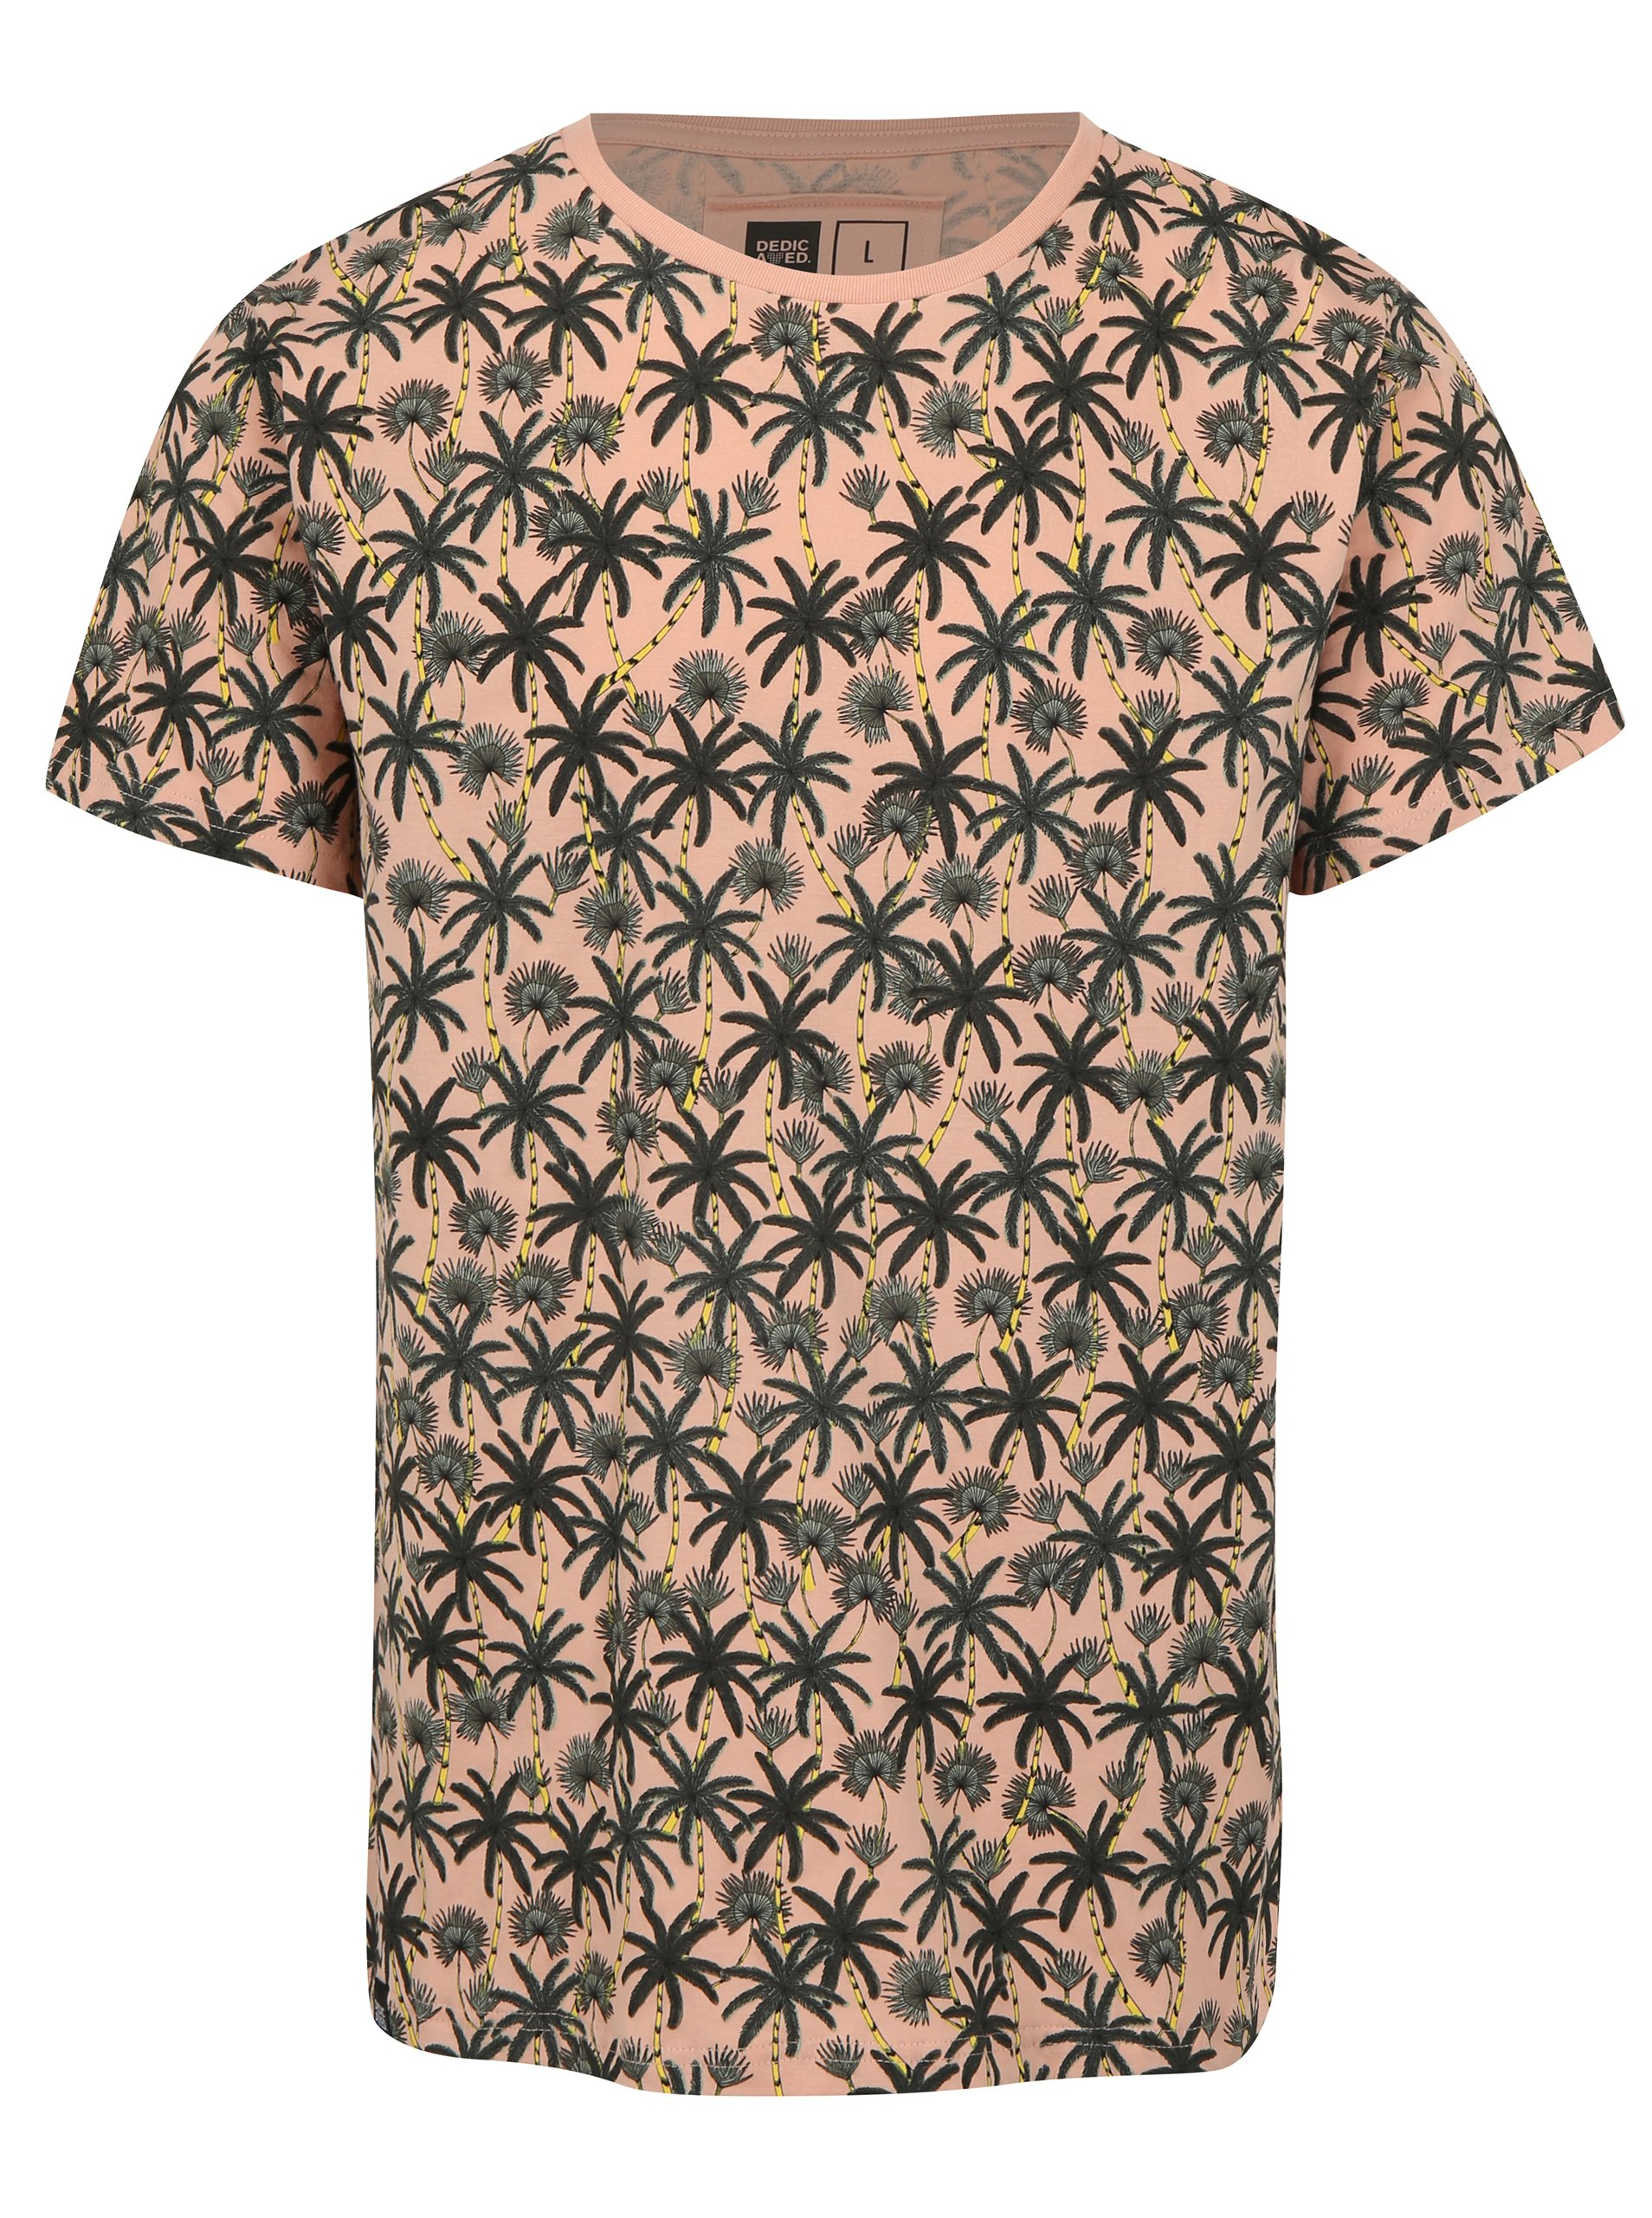 1f5f6e17b3 Ružové tričko s palmami Dedicated Beach Palms